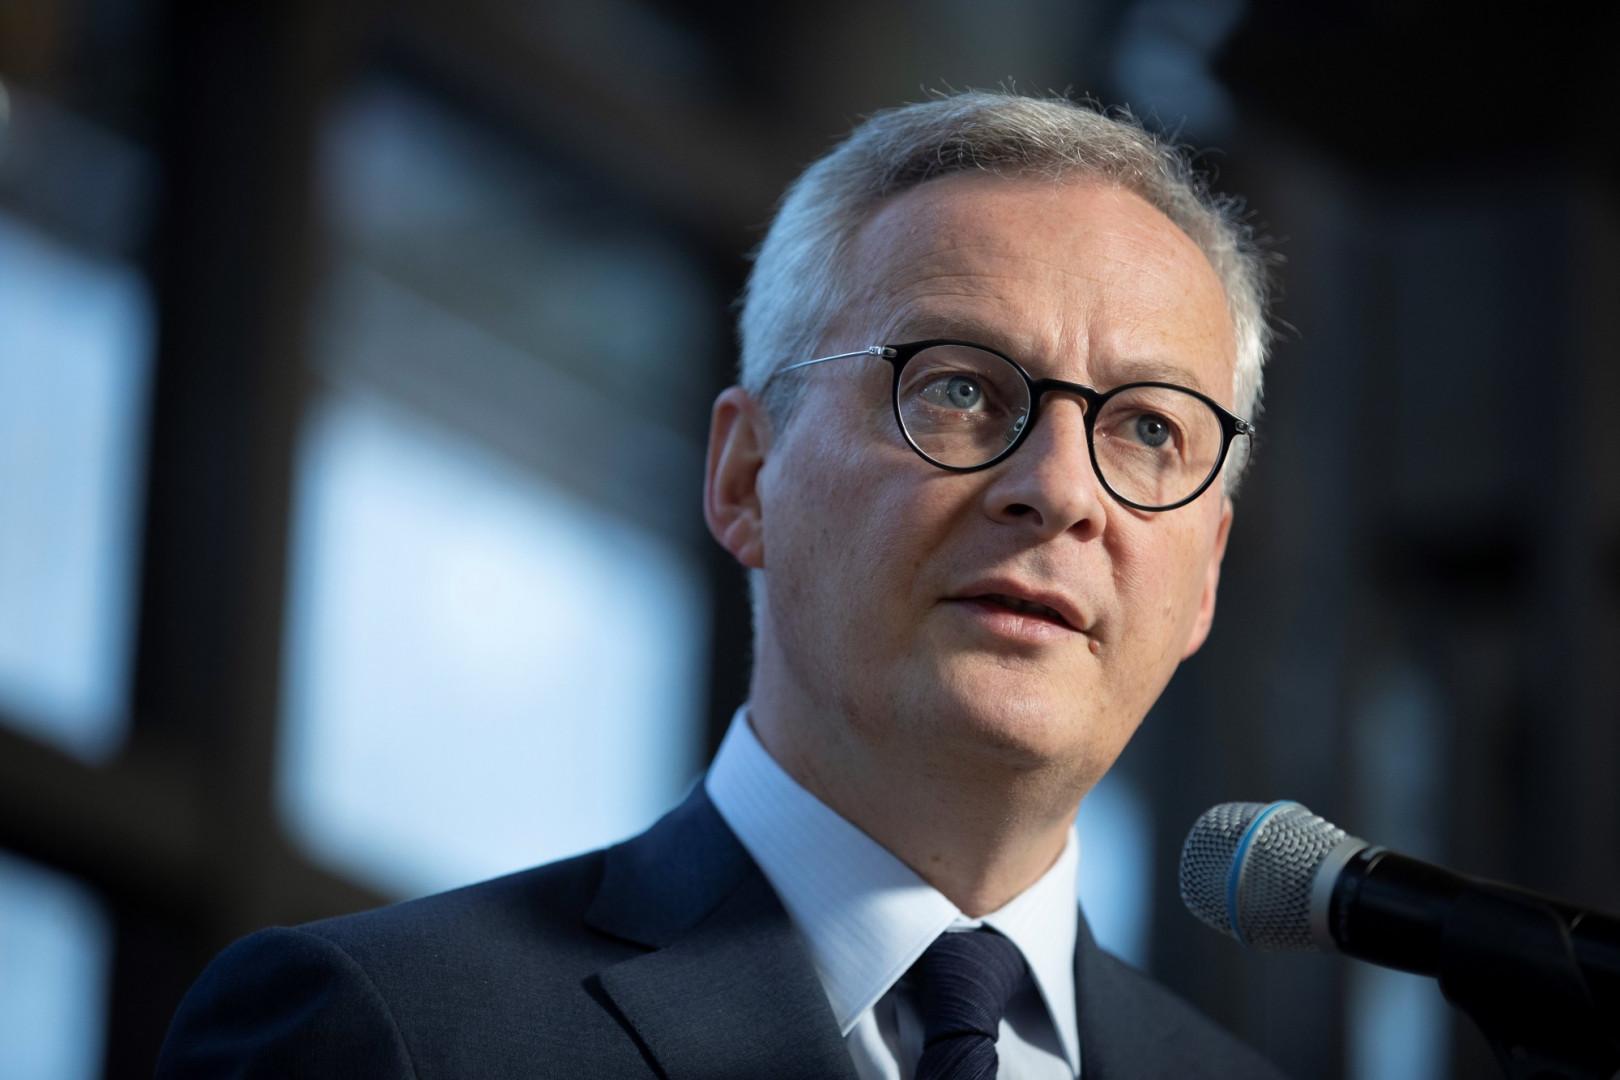 Le ministre de l'Économie est opposé à toute nouvelle exemption au couvre-feu en dehors de celles annoncées par le gouvernement.